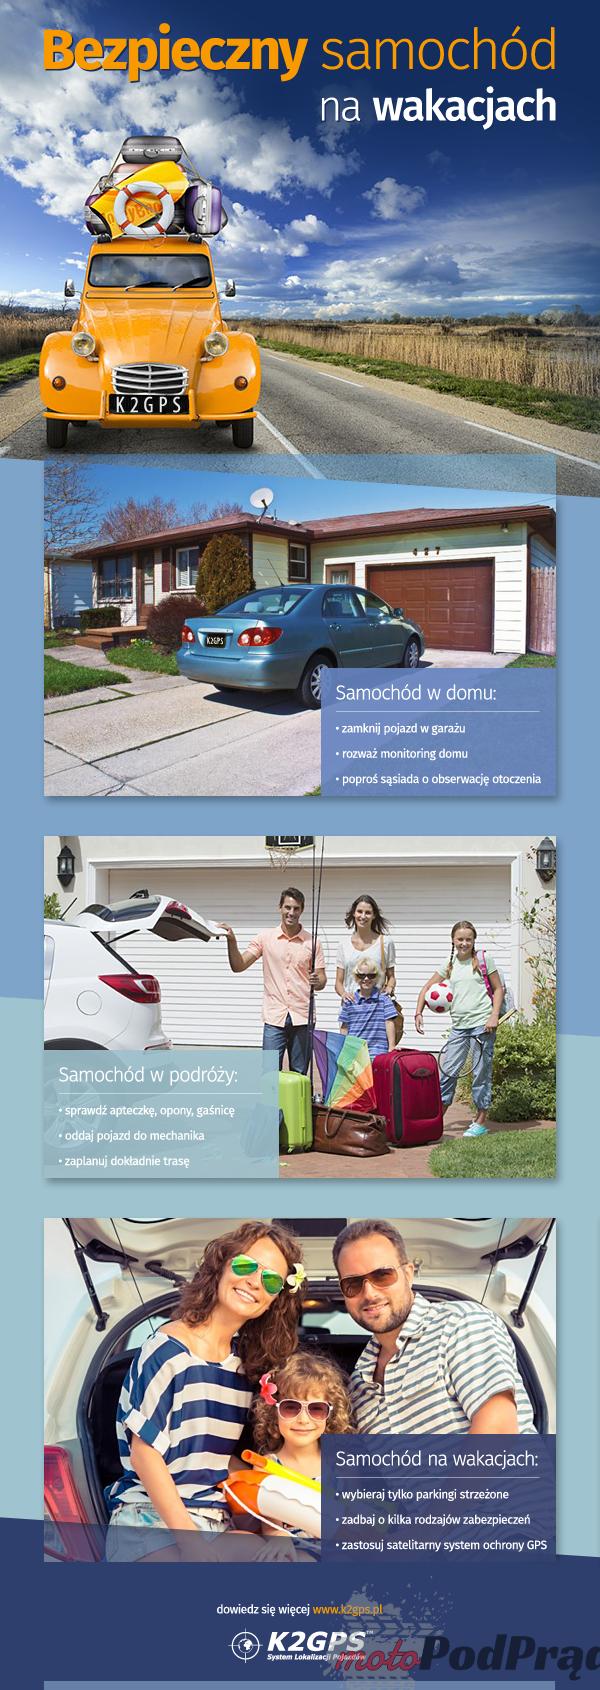 bezpieczny samochod na wakacjach Jak zabezpieczyć samochód na wakacje?